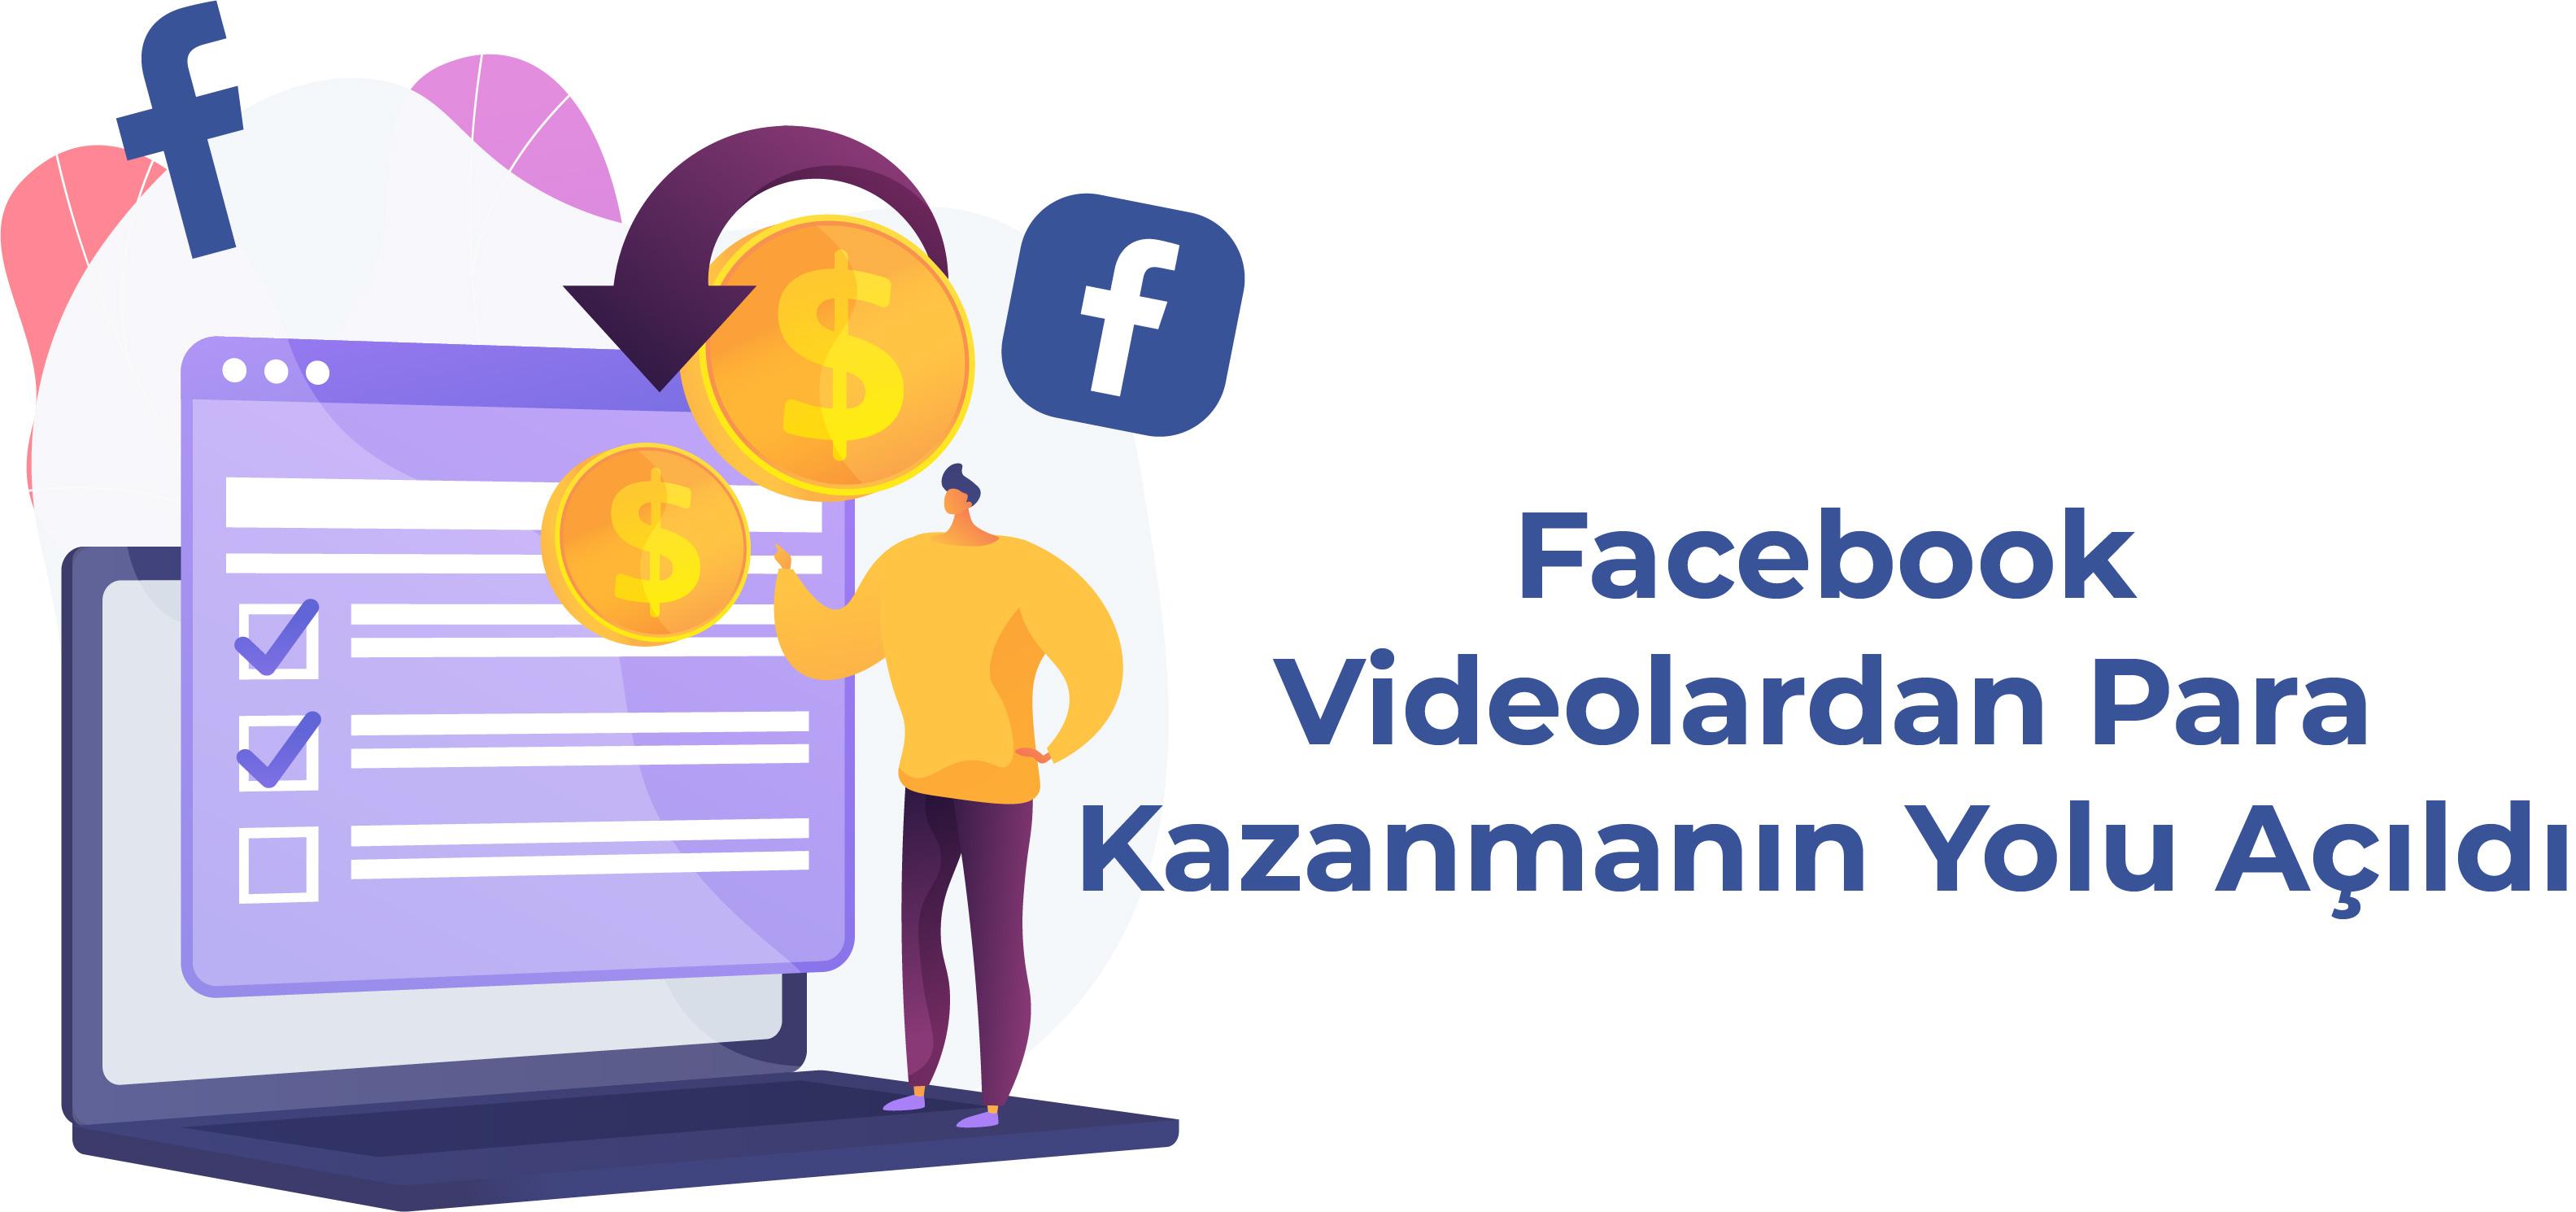 Facebook Videolardan Para Kazanmanın Yolları Açıldı!